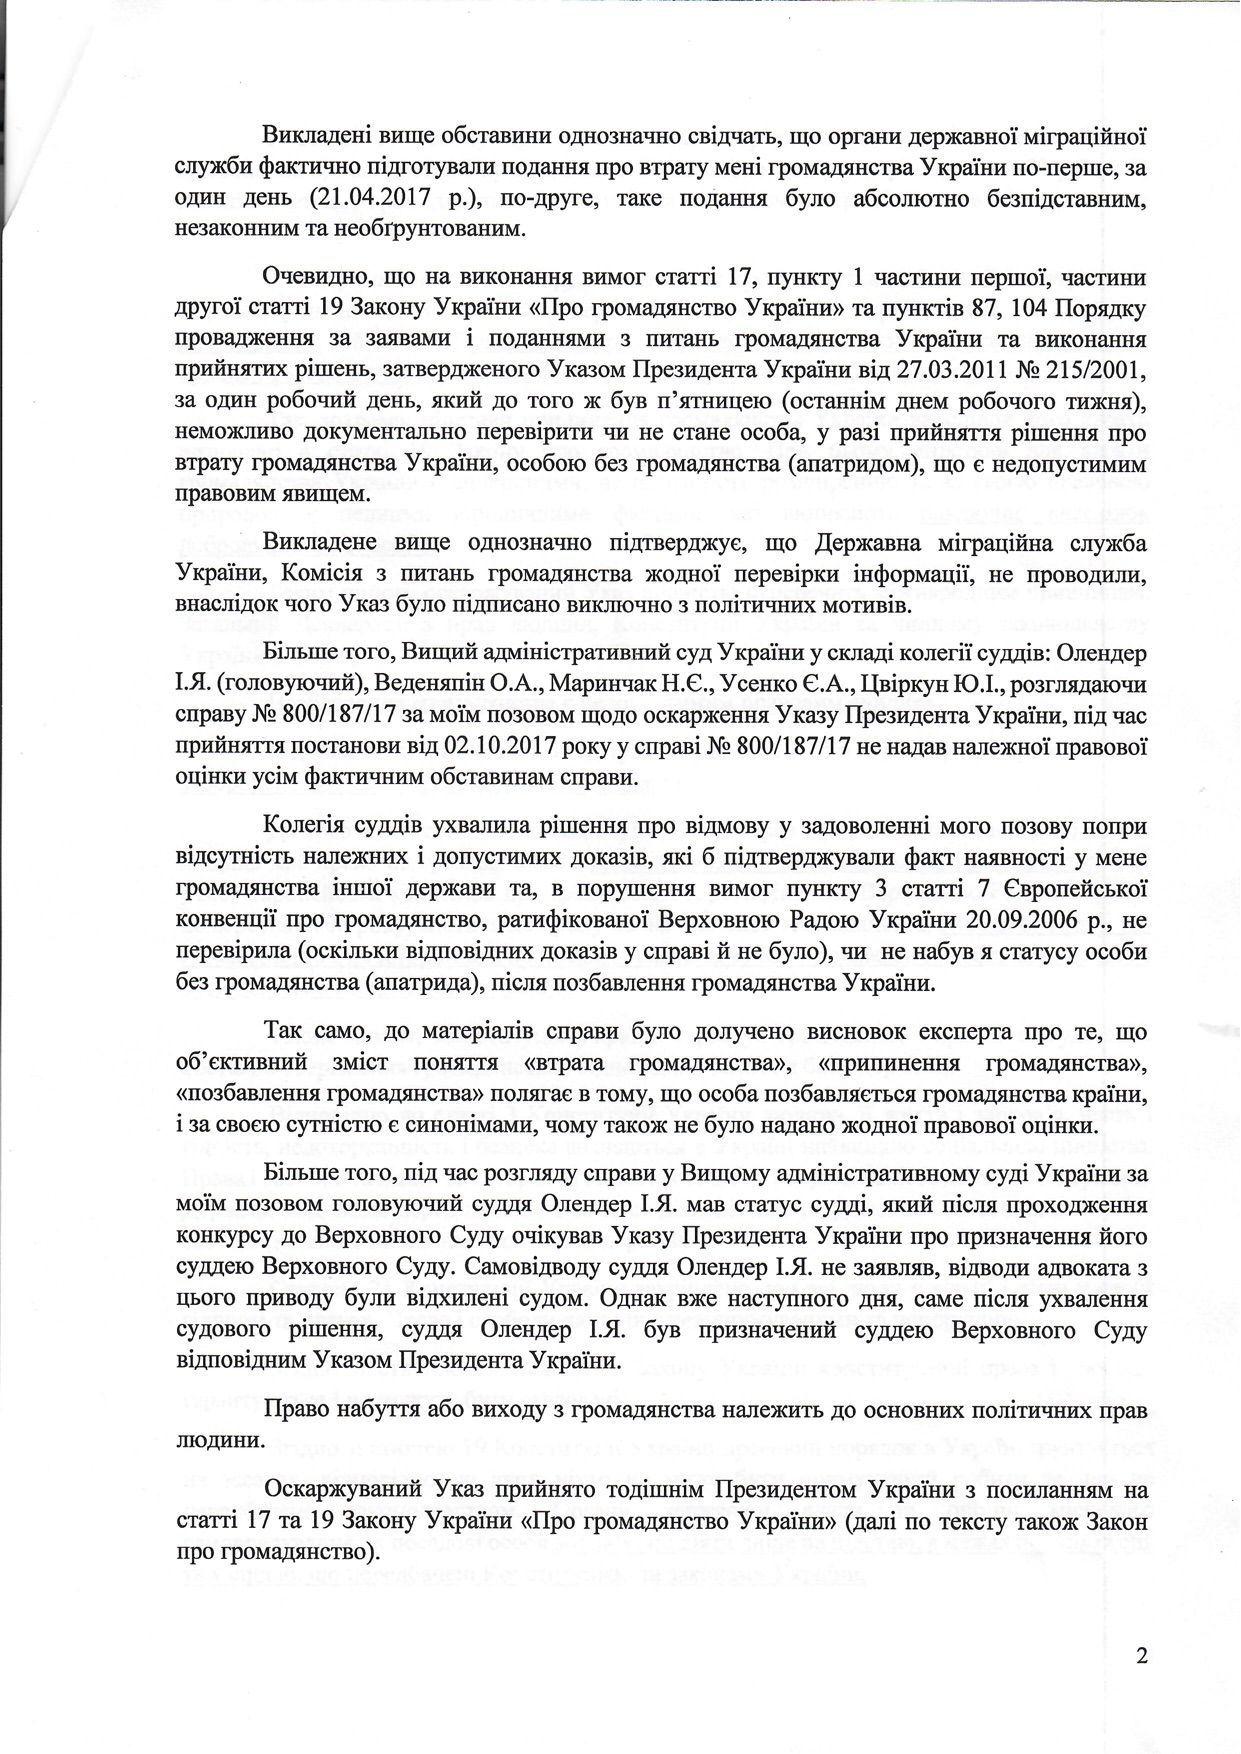 лист Артеменка про громадянство_2